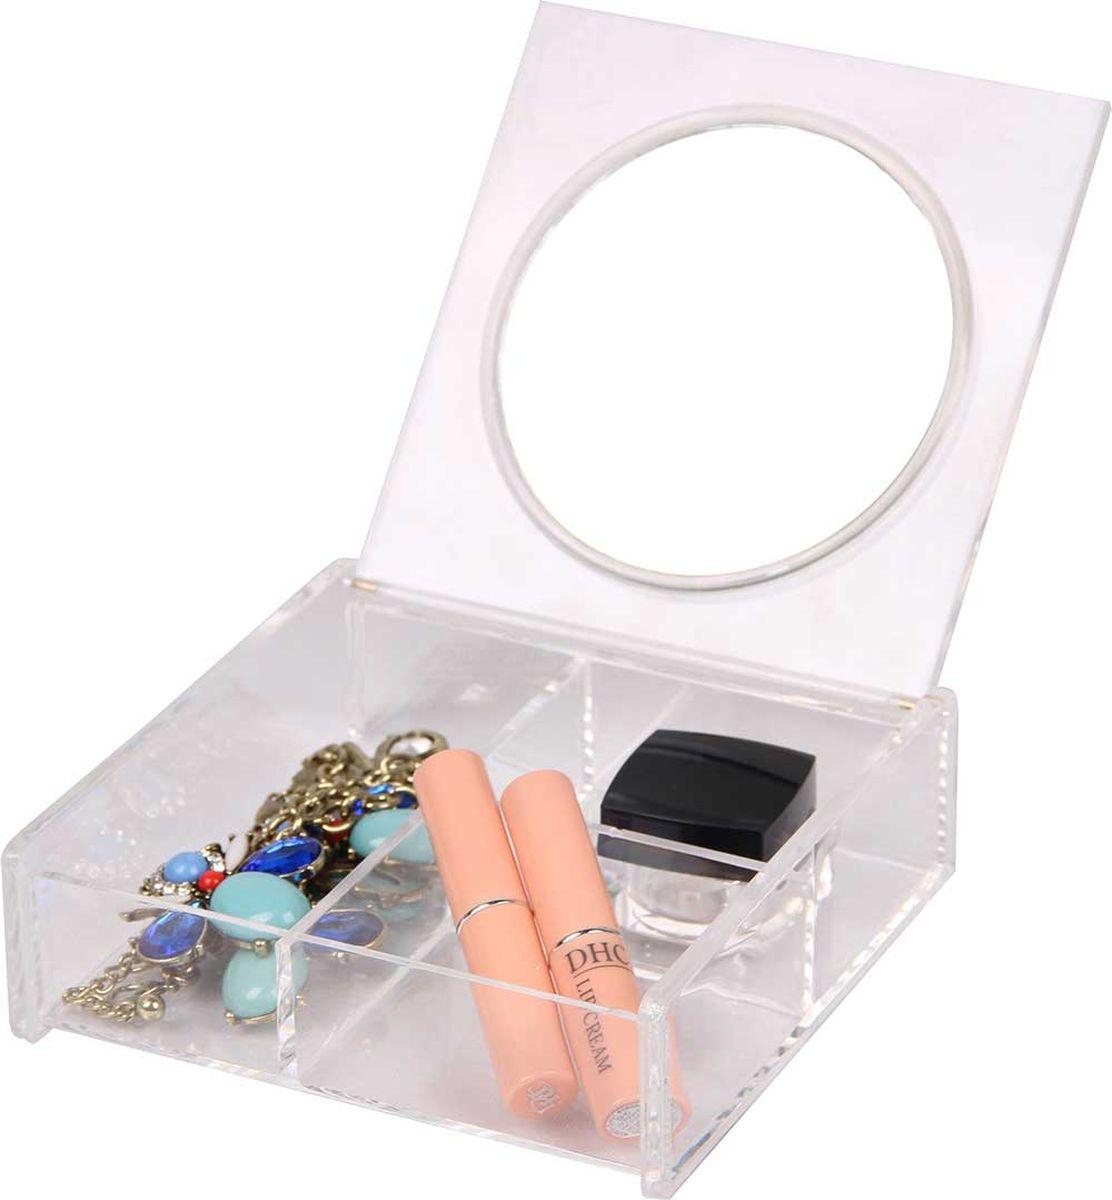 Органайзер для косметики HomeMaster, SO01592, 15 х 15 х 5 см #1